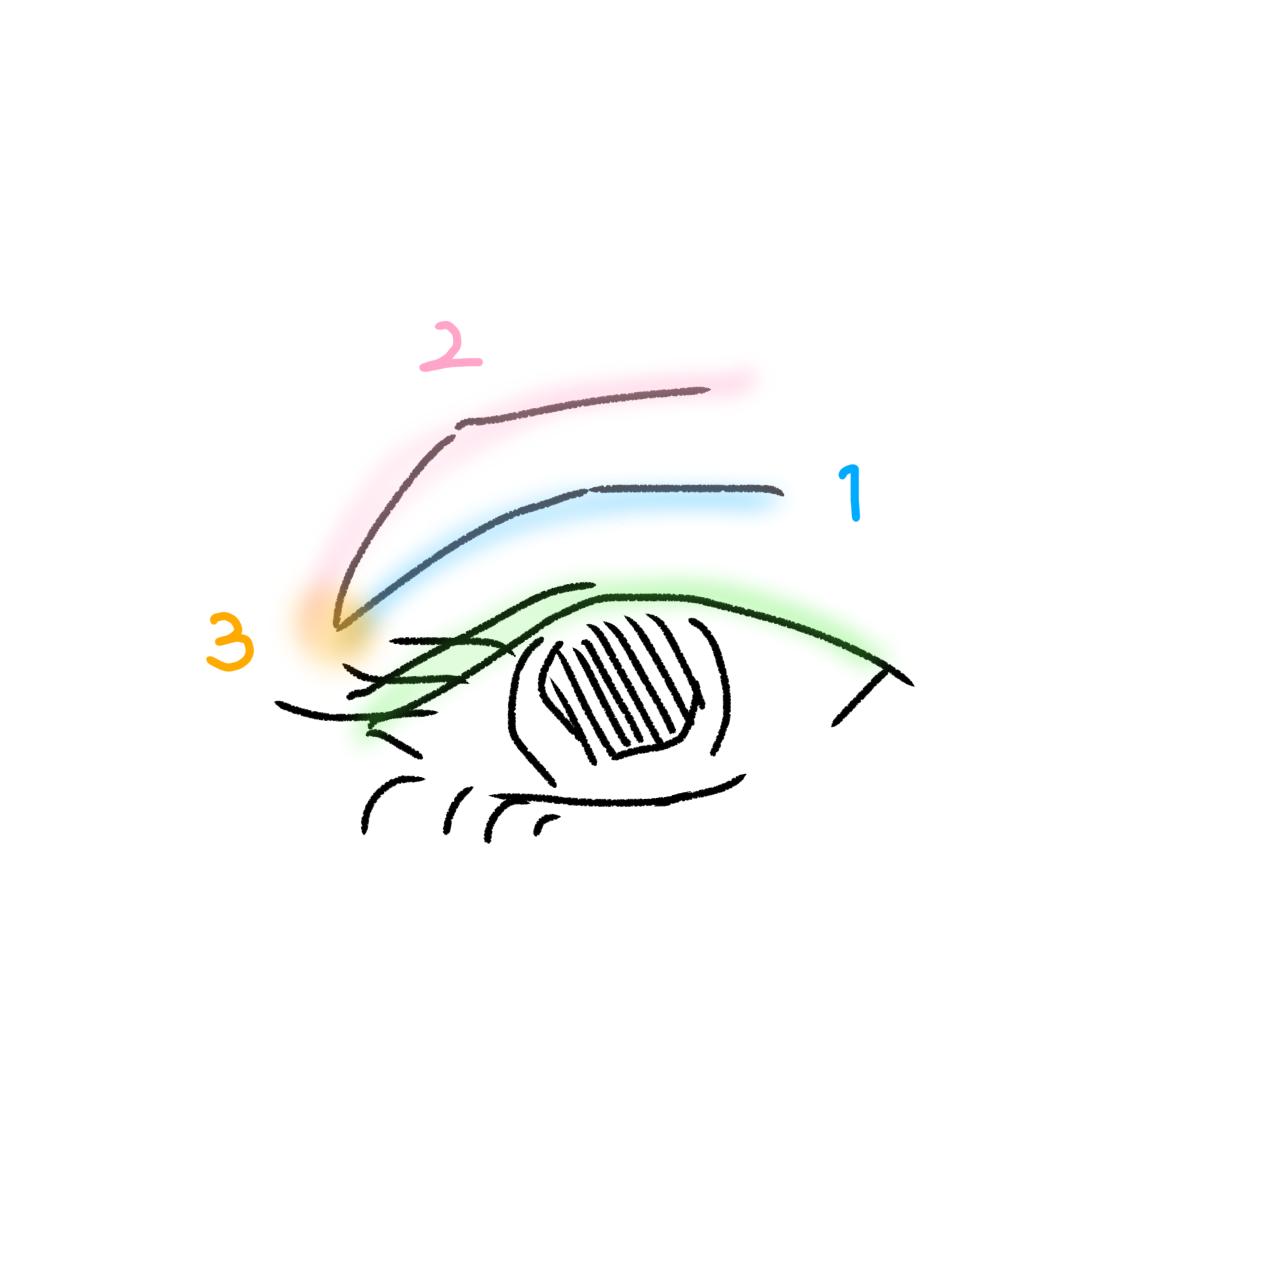 眉毛の描き方手順